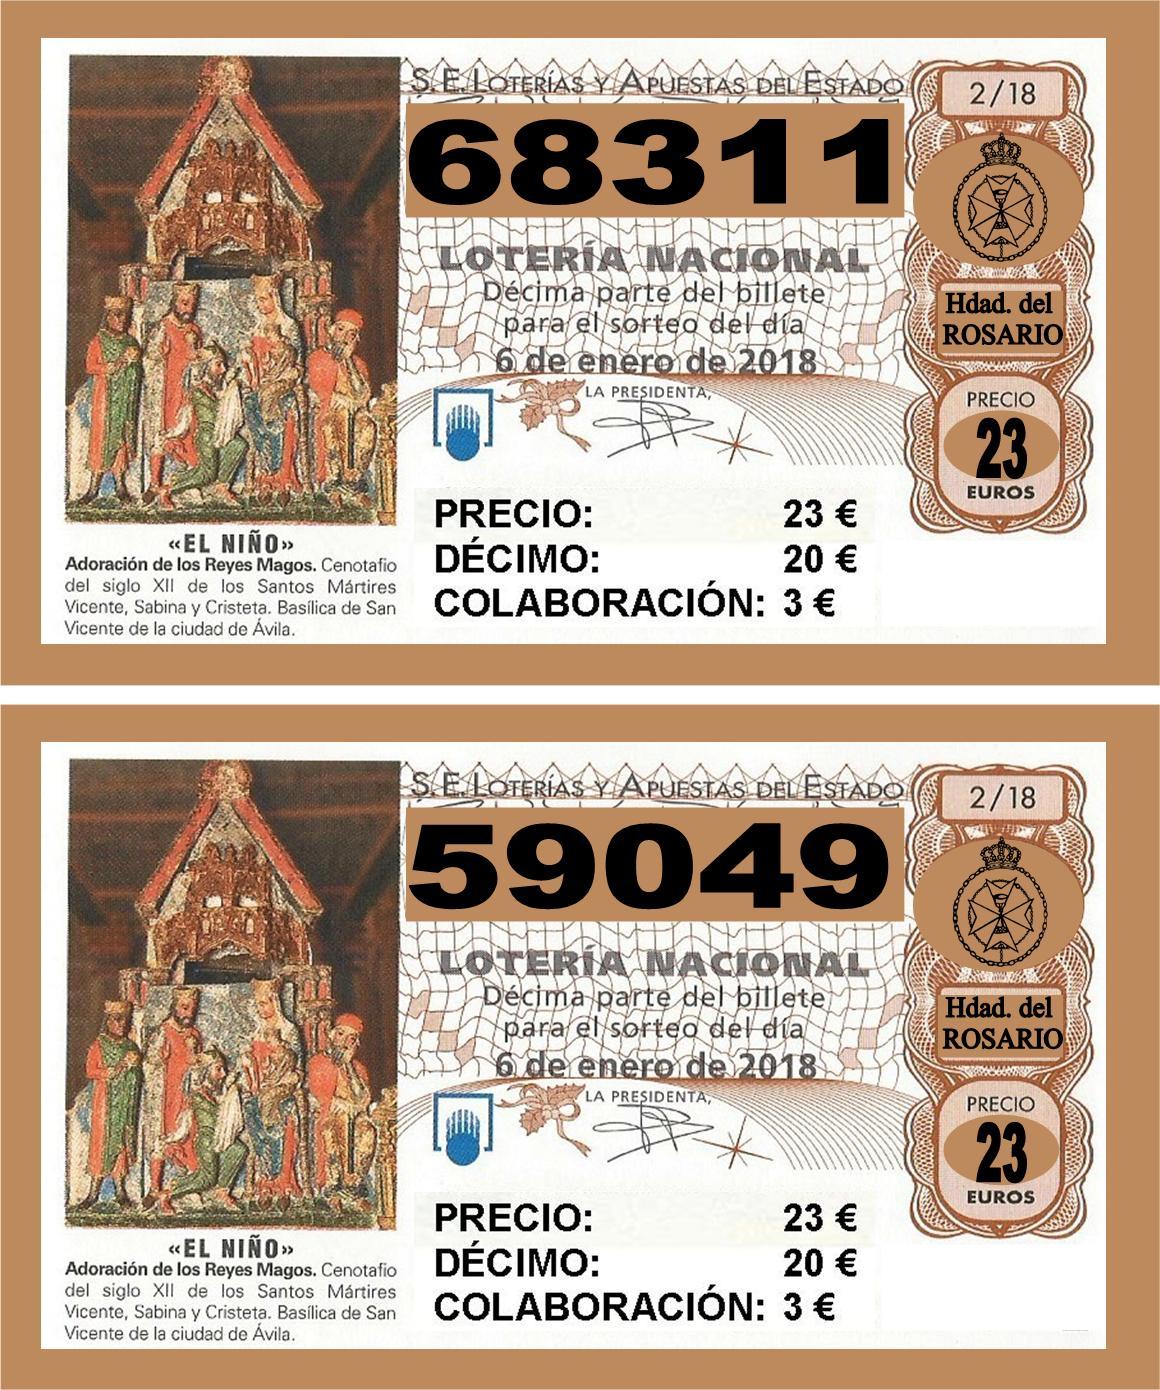 Vive la suerte comprar loteria en Rosario 385334